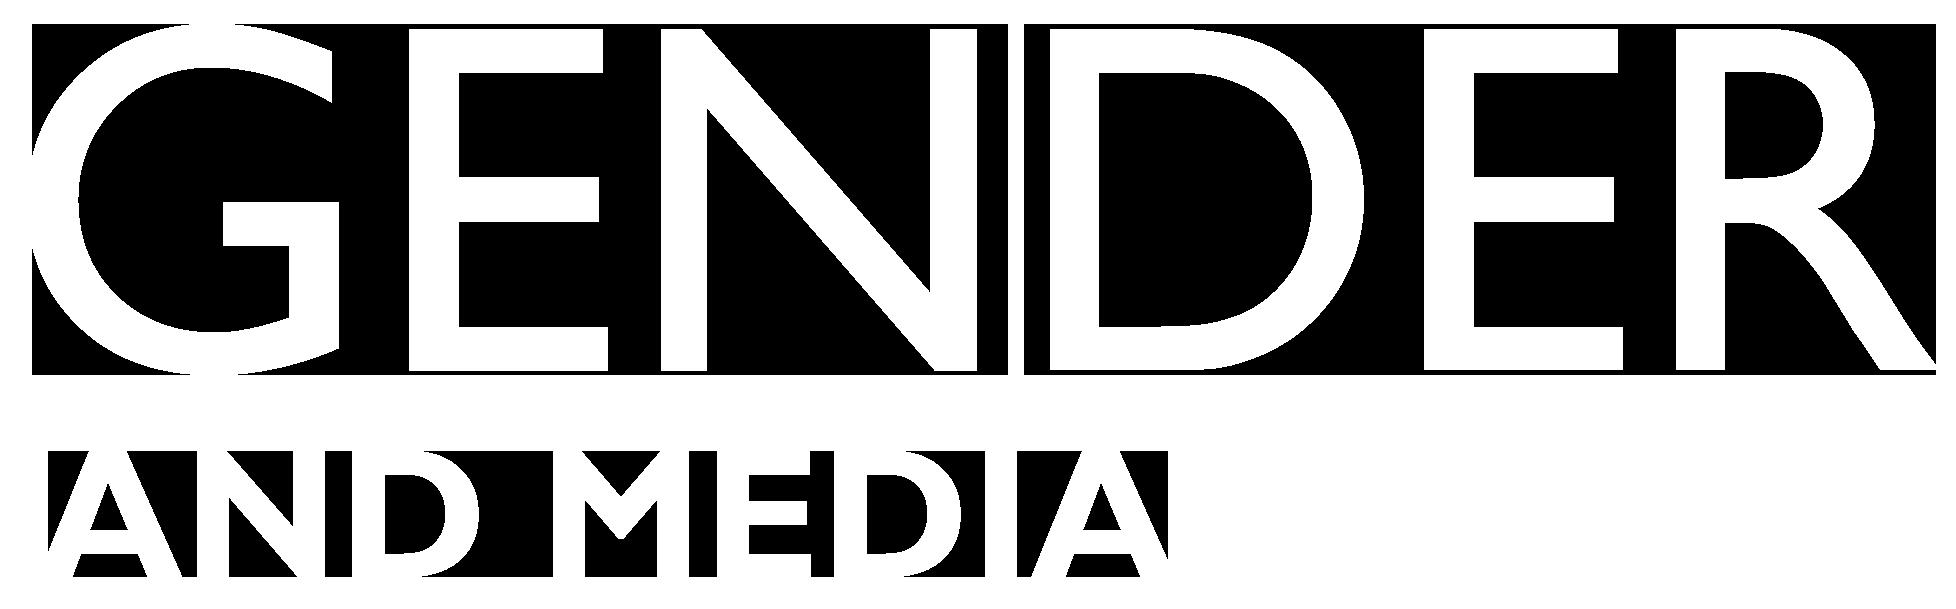 Gender and Media